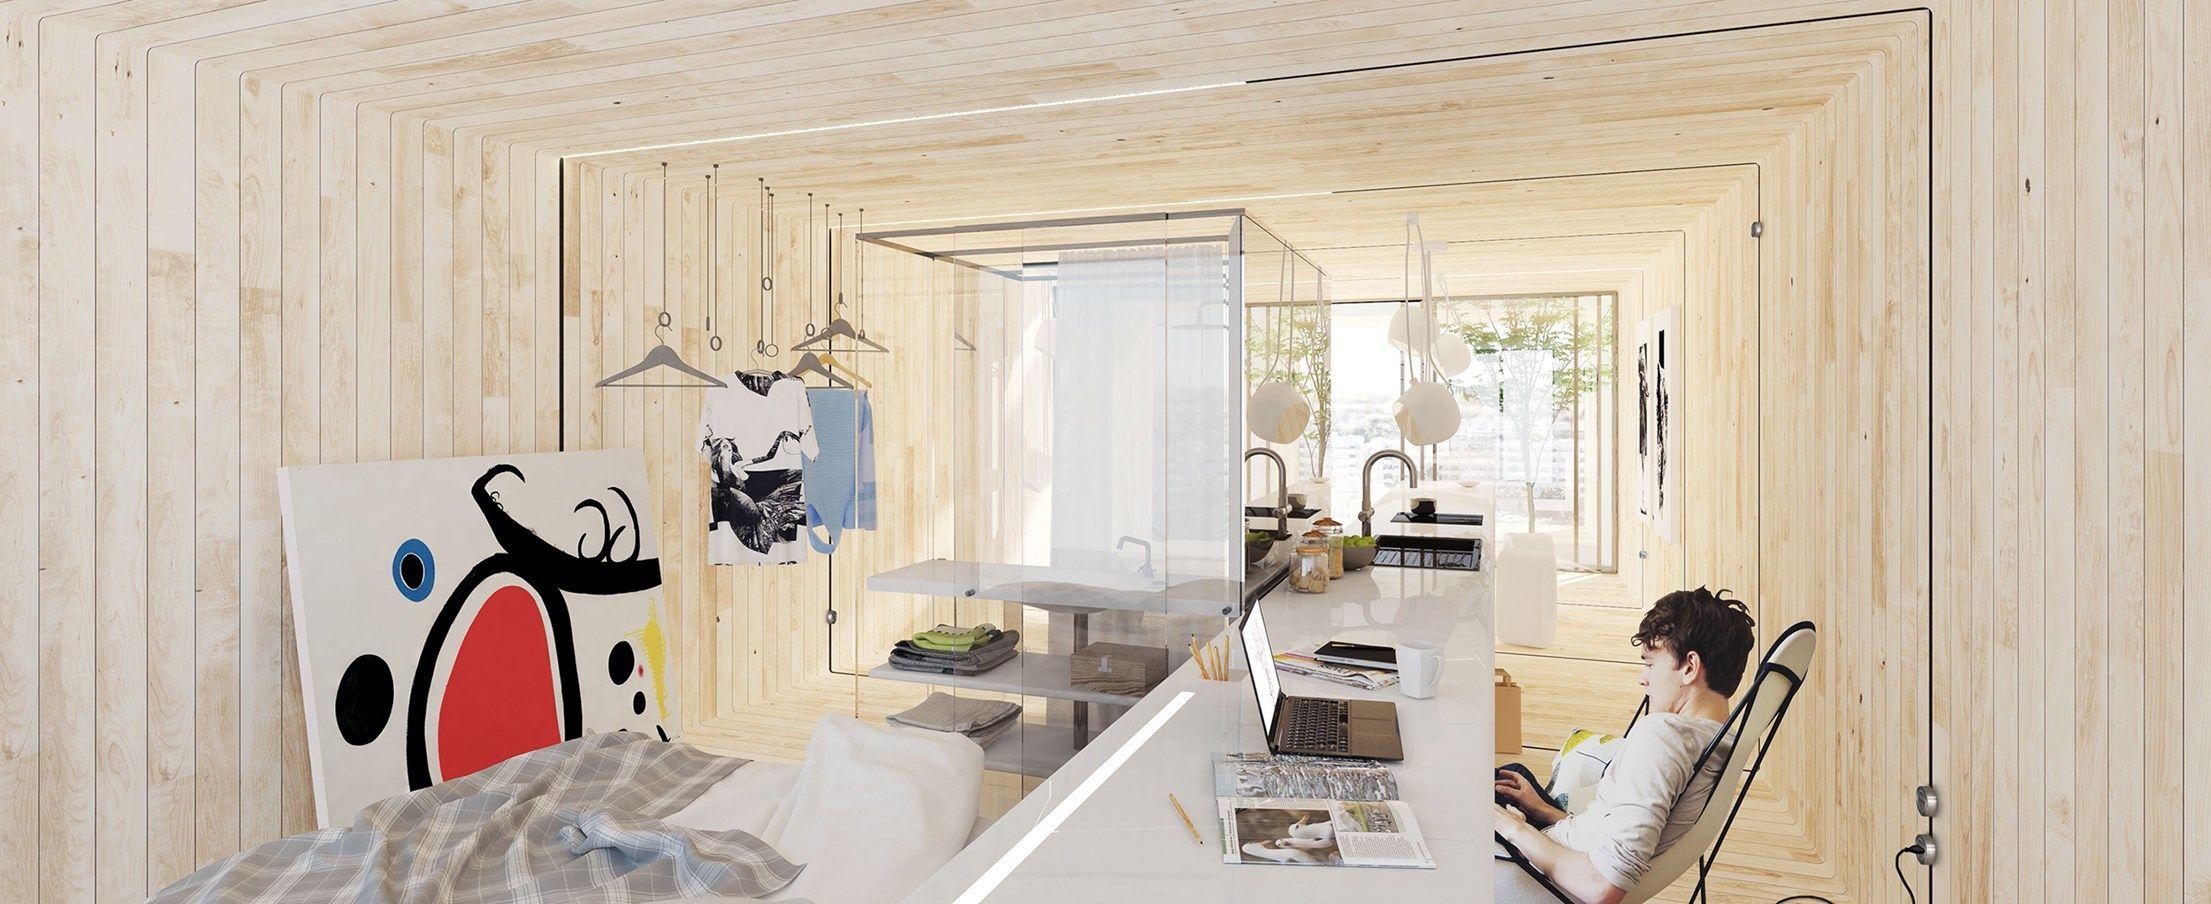 Il futuro dell'abitare si costruisce a Gubbio con la tecnologia dei sistemi in alluminio Schüco